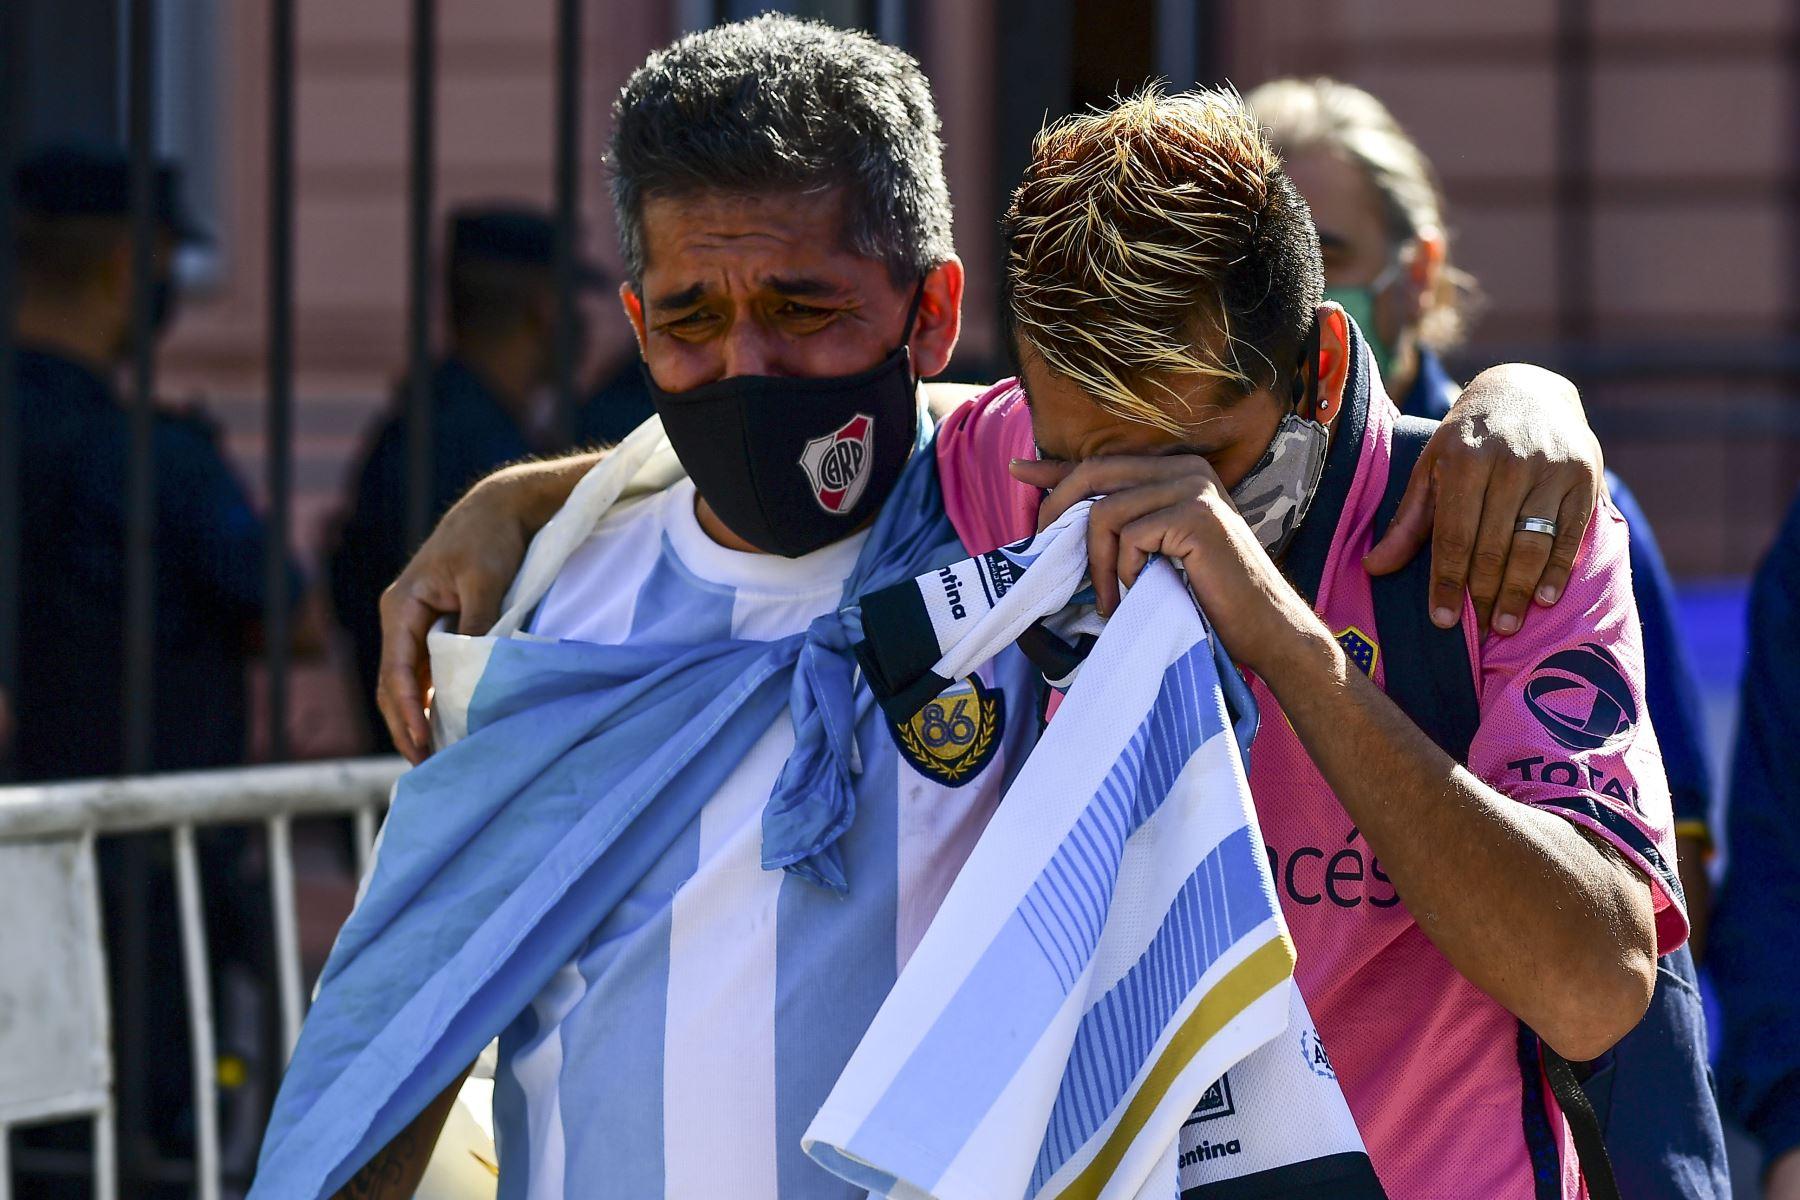 Los hinchas lloran afuera de la Casa Rosada mientras esperan para rendir homenaje a la leyenda del fútbol argentino Diego Armando Maradona en Buenos Aires. Foto: AFP